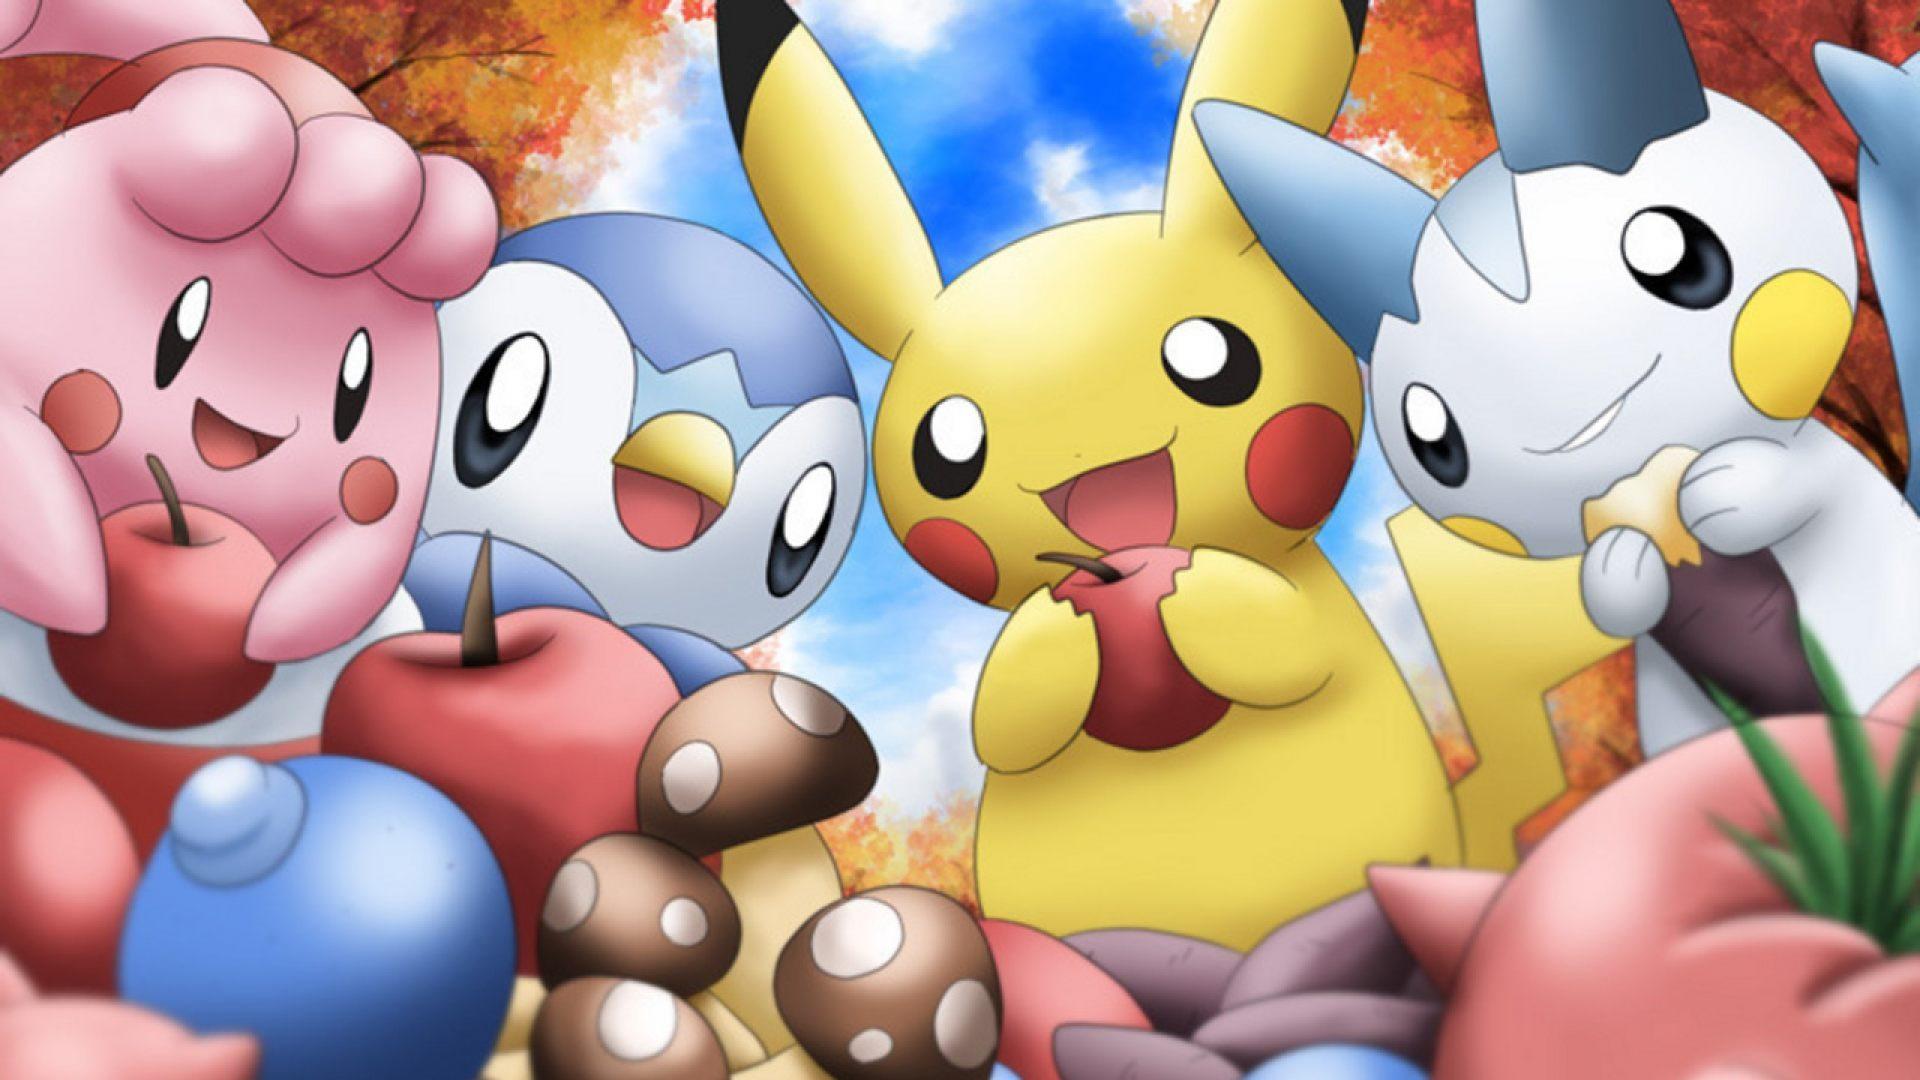 Amigos de Pikachu   1920x1080 Fondos de pantalla y wallpapers 1920x1080